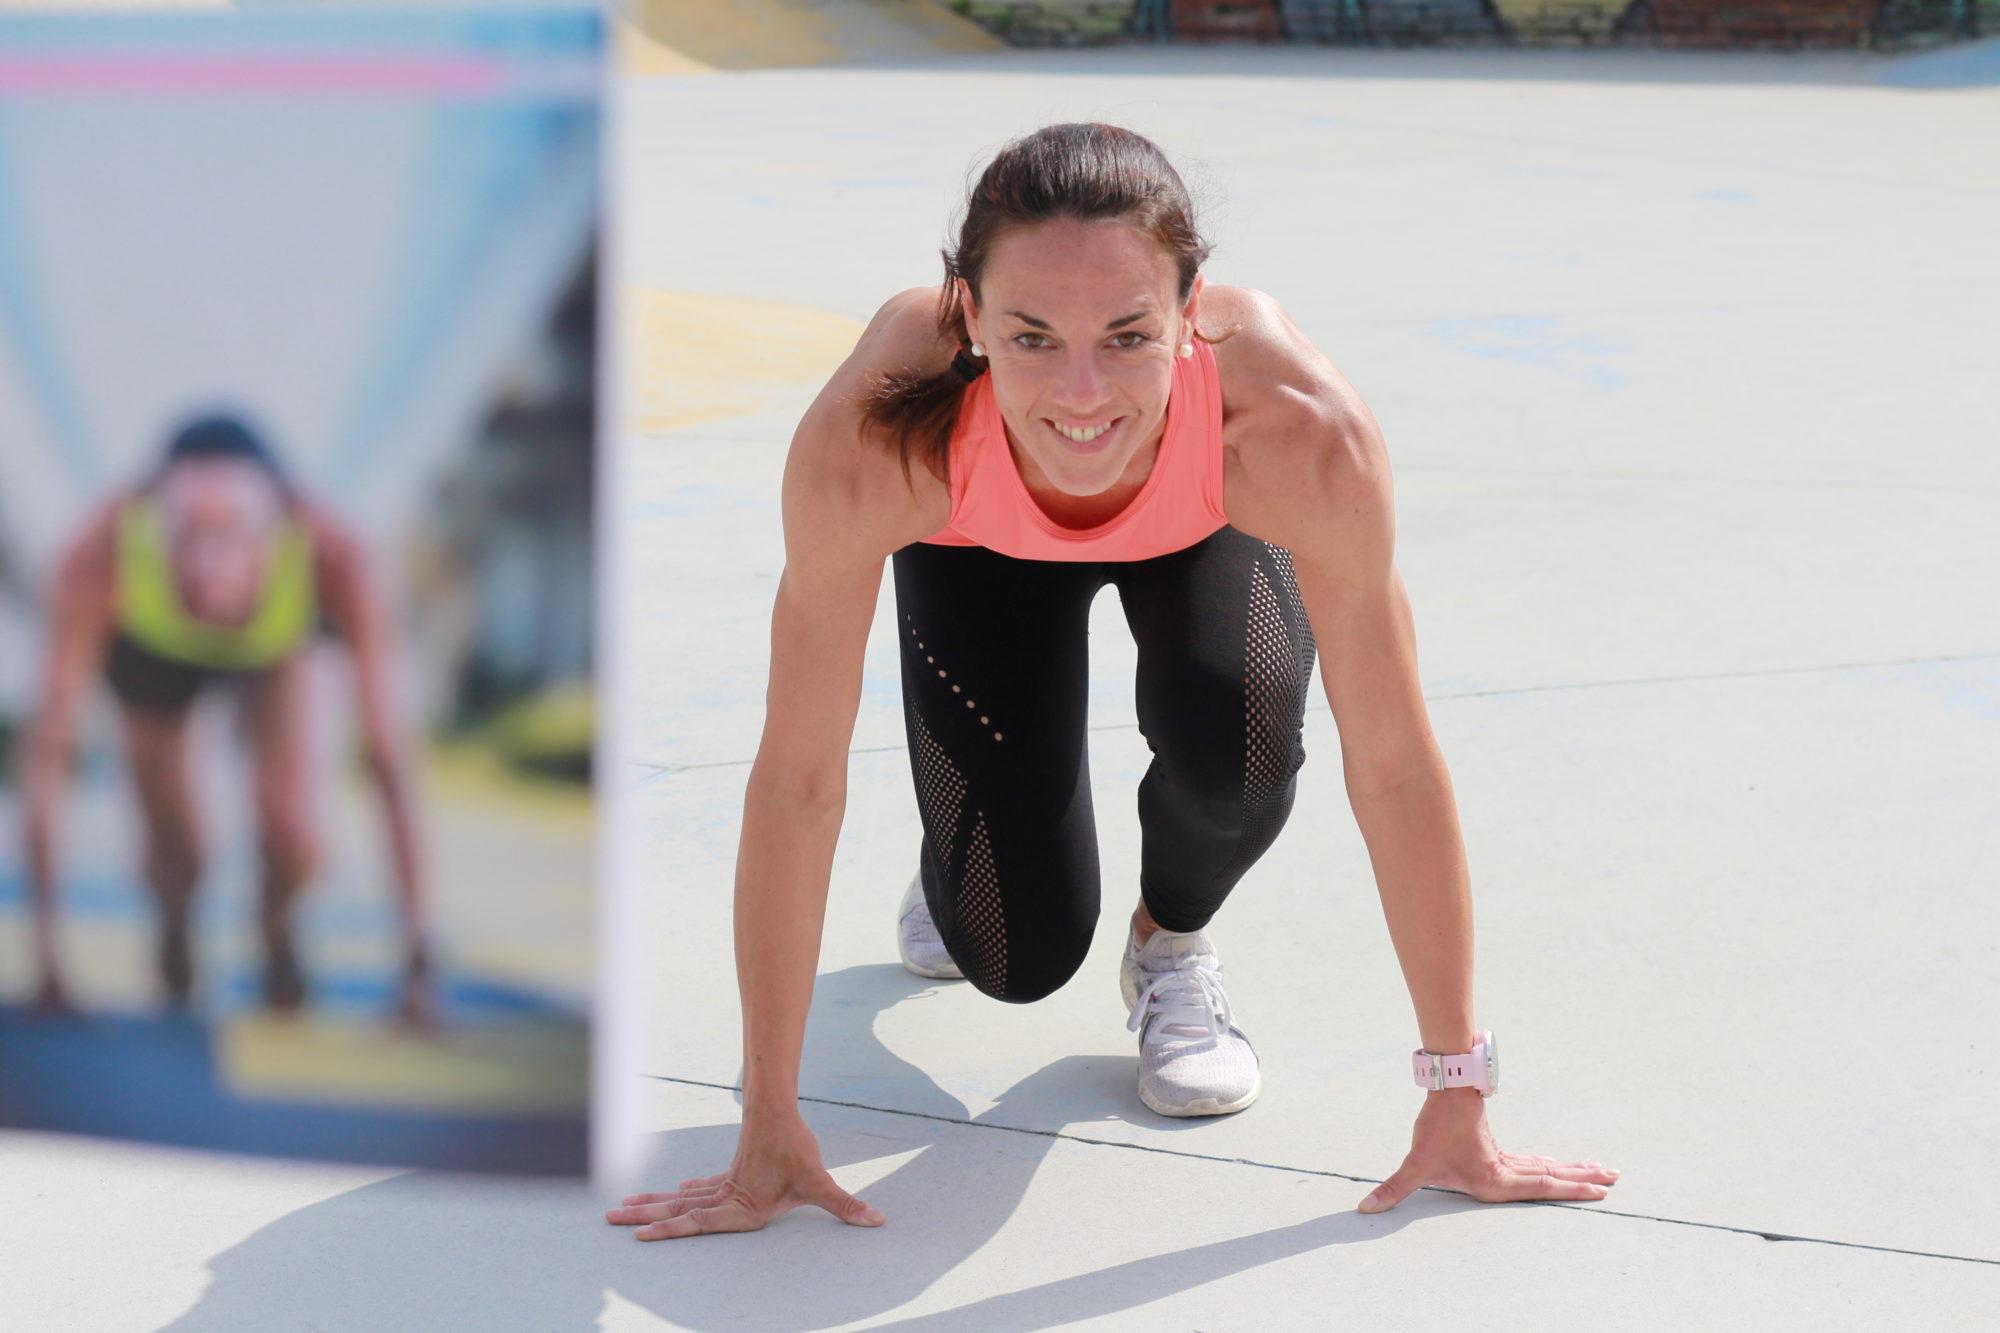 masterclass de running panasonic entrenamiento en grupo isabel del barrio correr es algo mas onmytrainingshoes